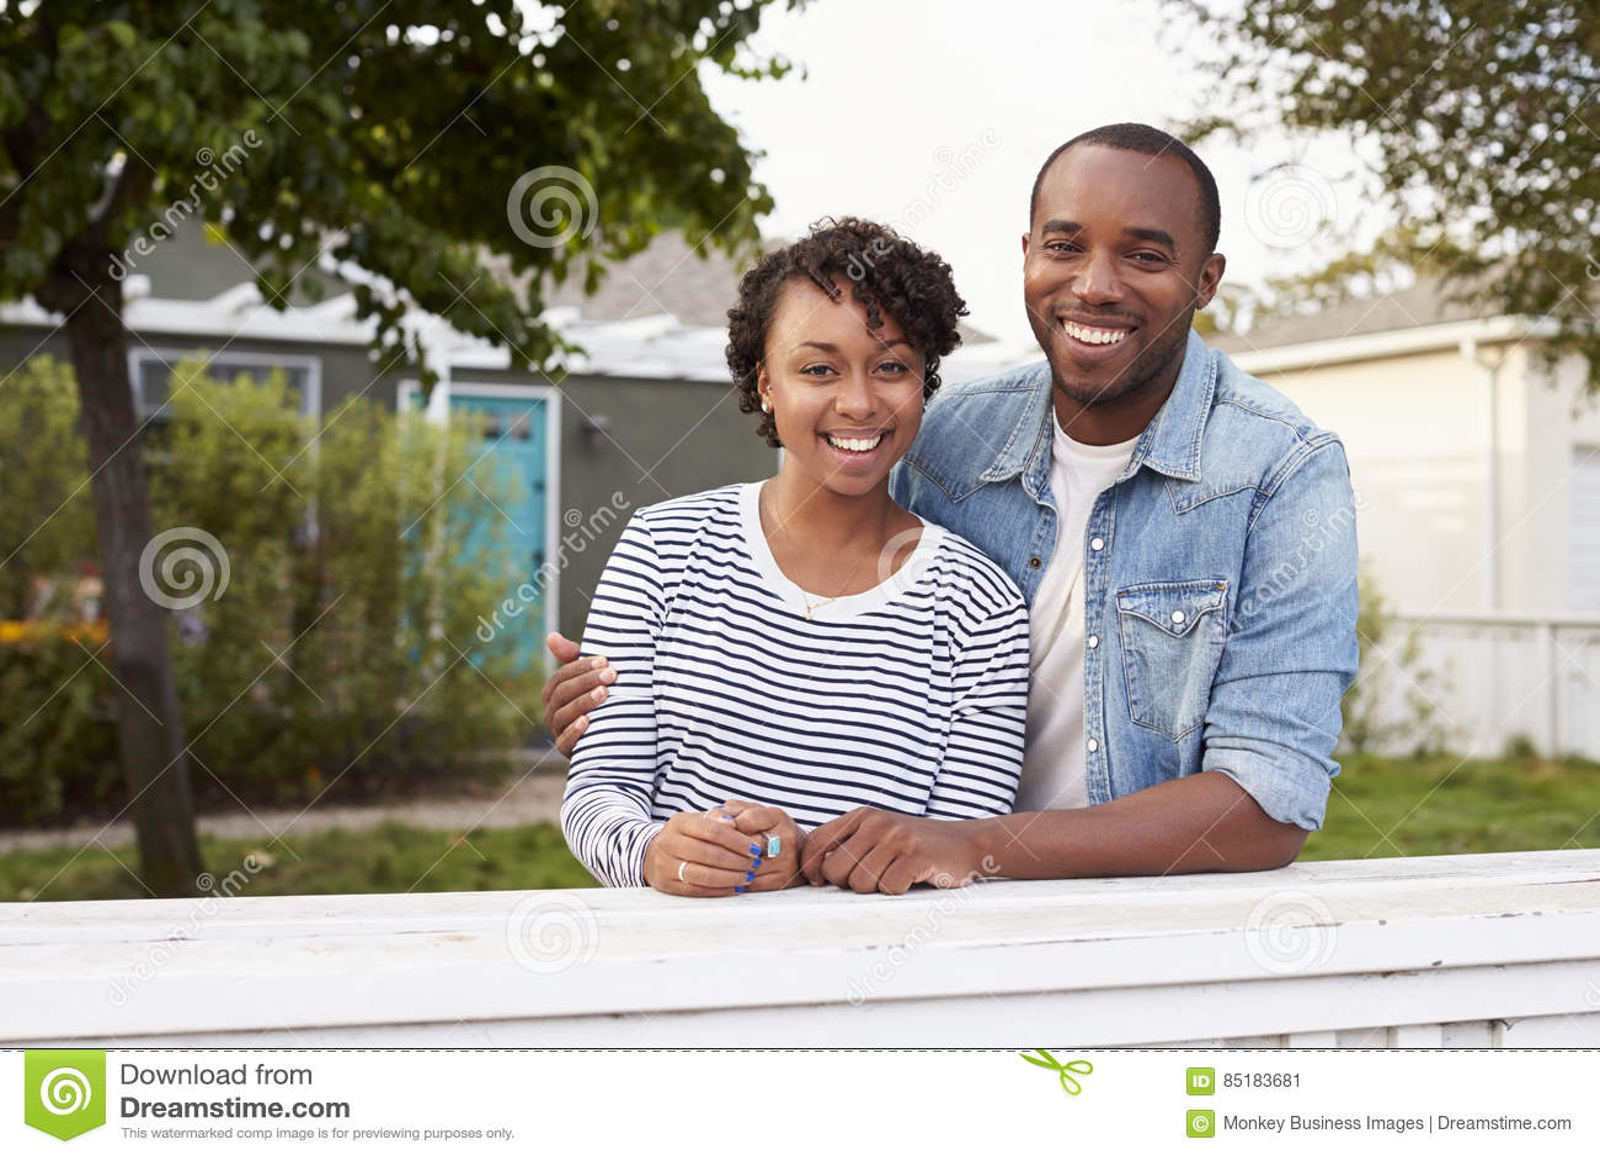 Afroamerikanerpaare schauen zur Kamera außerhalb ihres Hauses